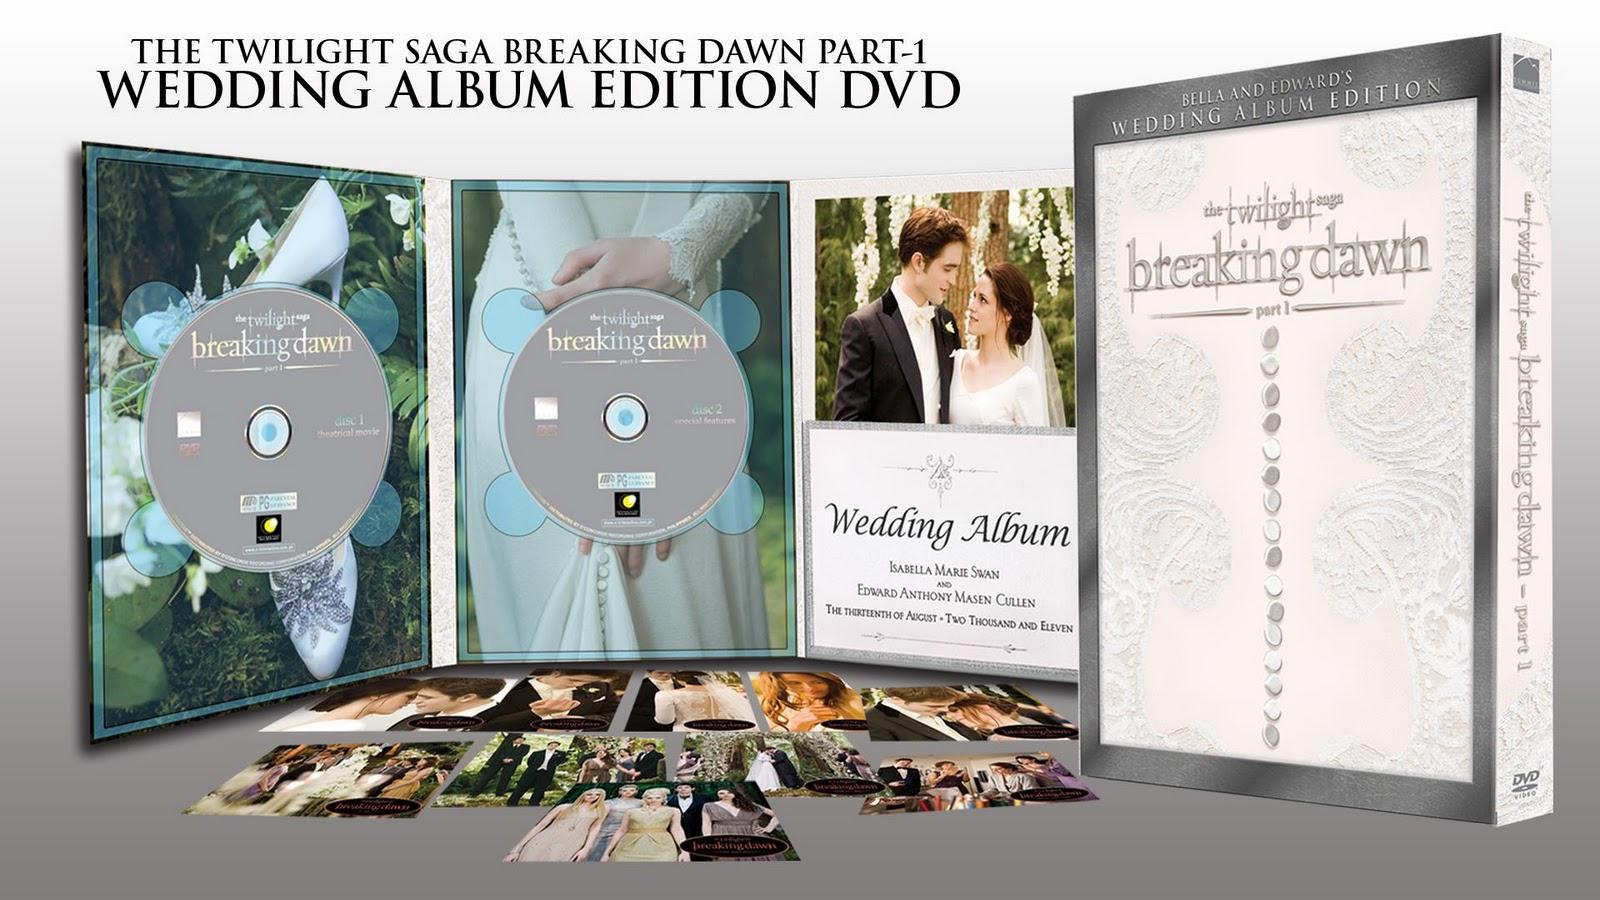 Date de sortie du DVD de Breaking Dawn - Part 1 337015_328076233891974_166303136735952_1065635_919193531_o